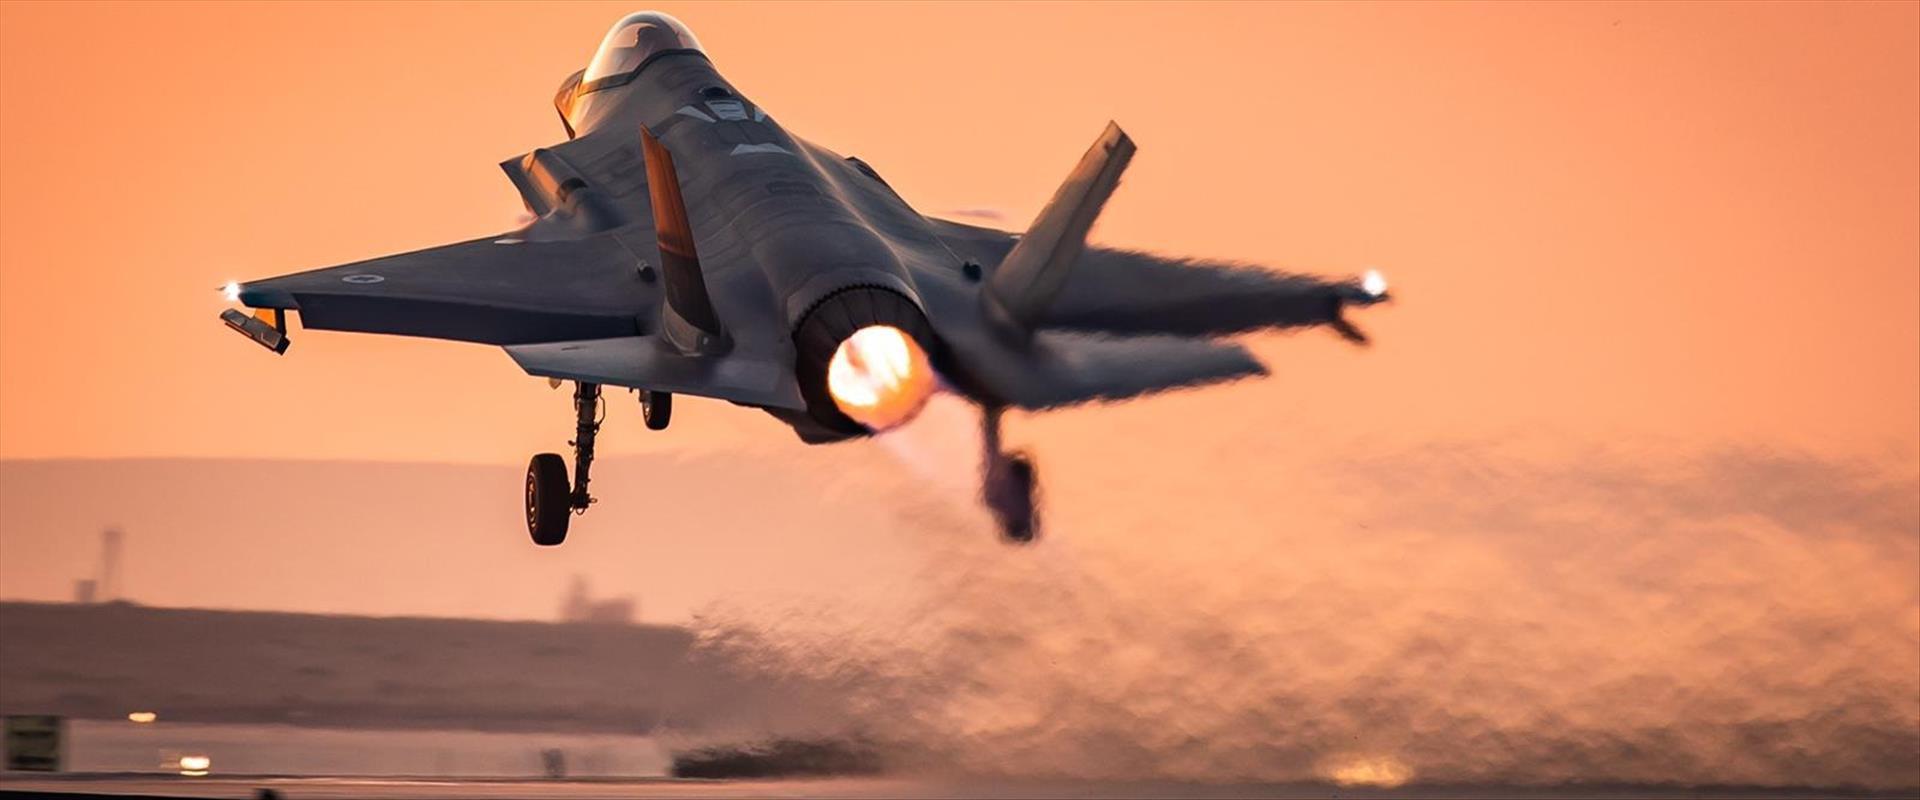 תרגיל חיל האוויר בצפון, 16.02.21